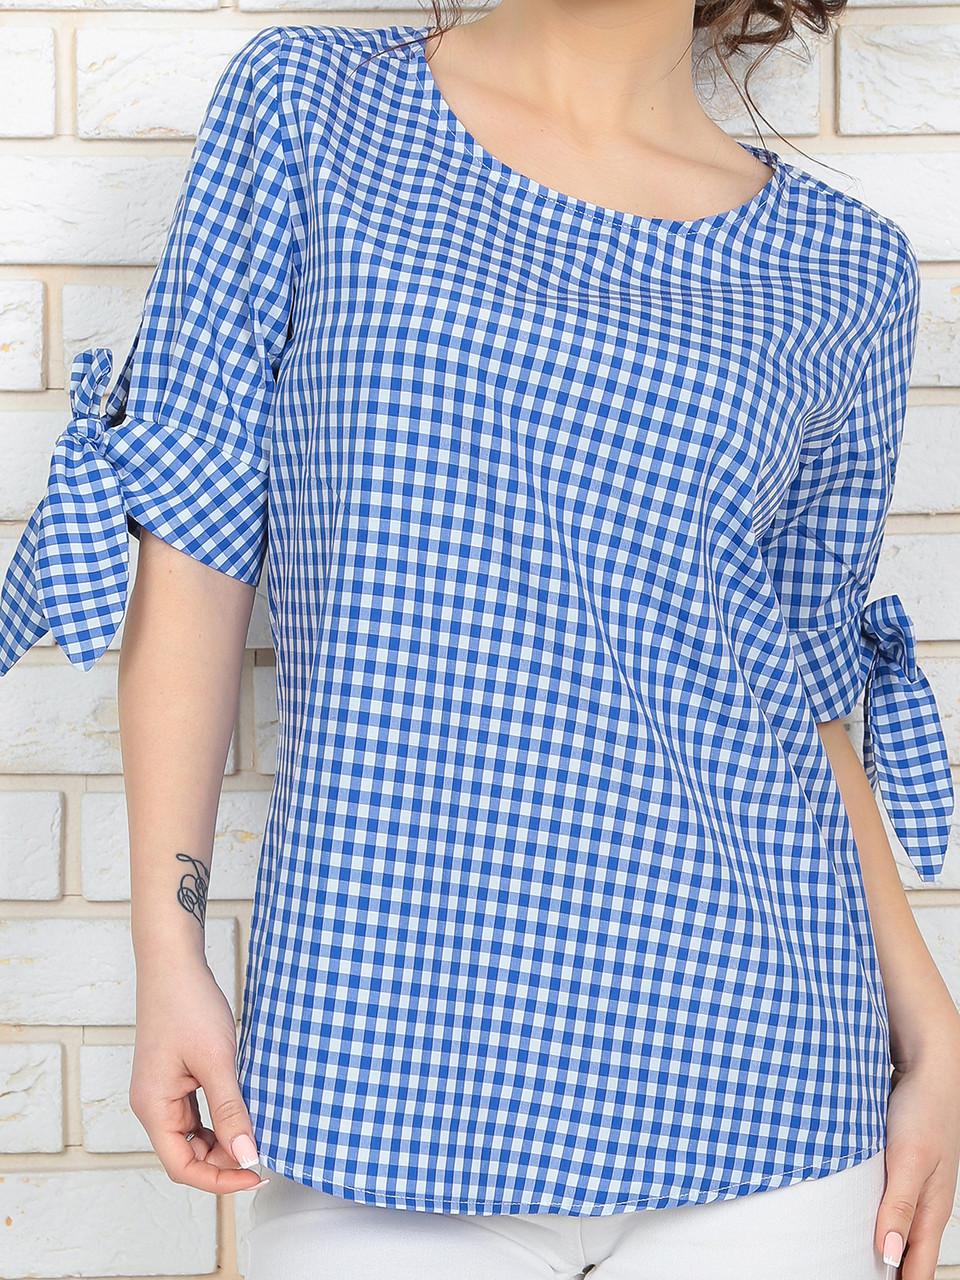 4 интересных варианта переделки мужской рубашки в блузку или платье 70